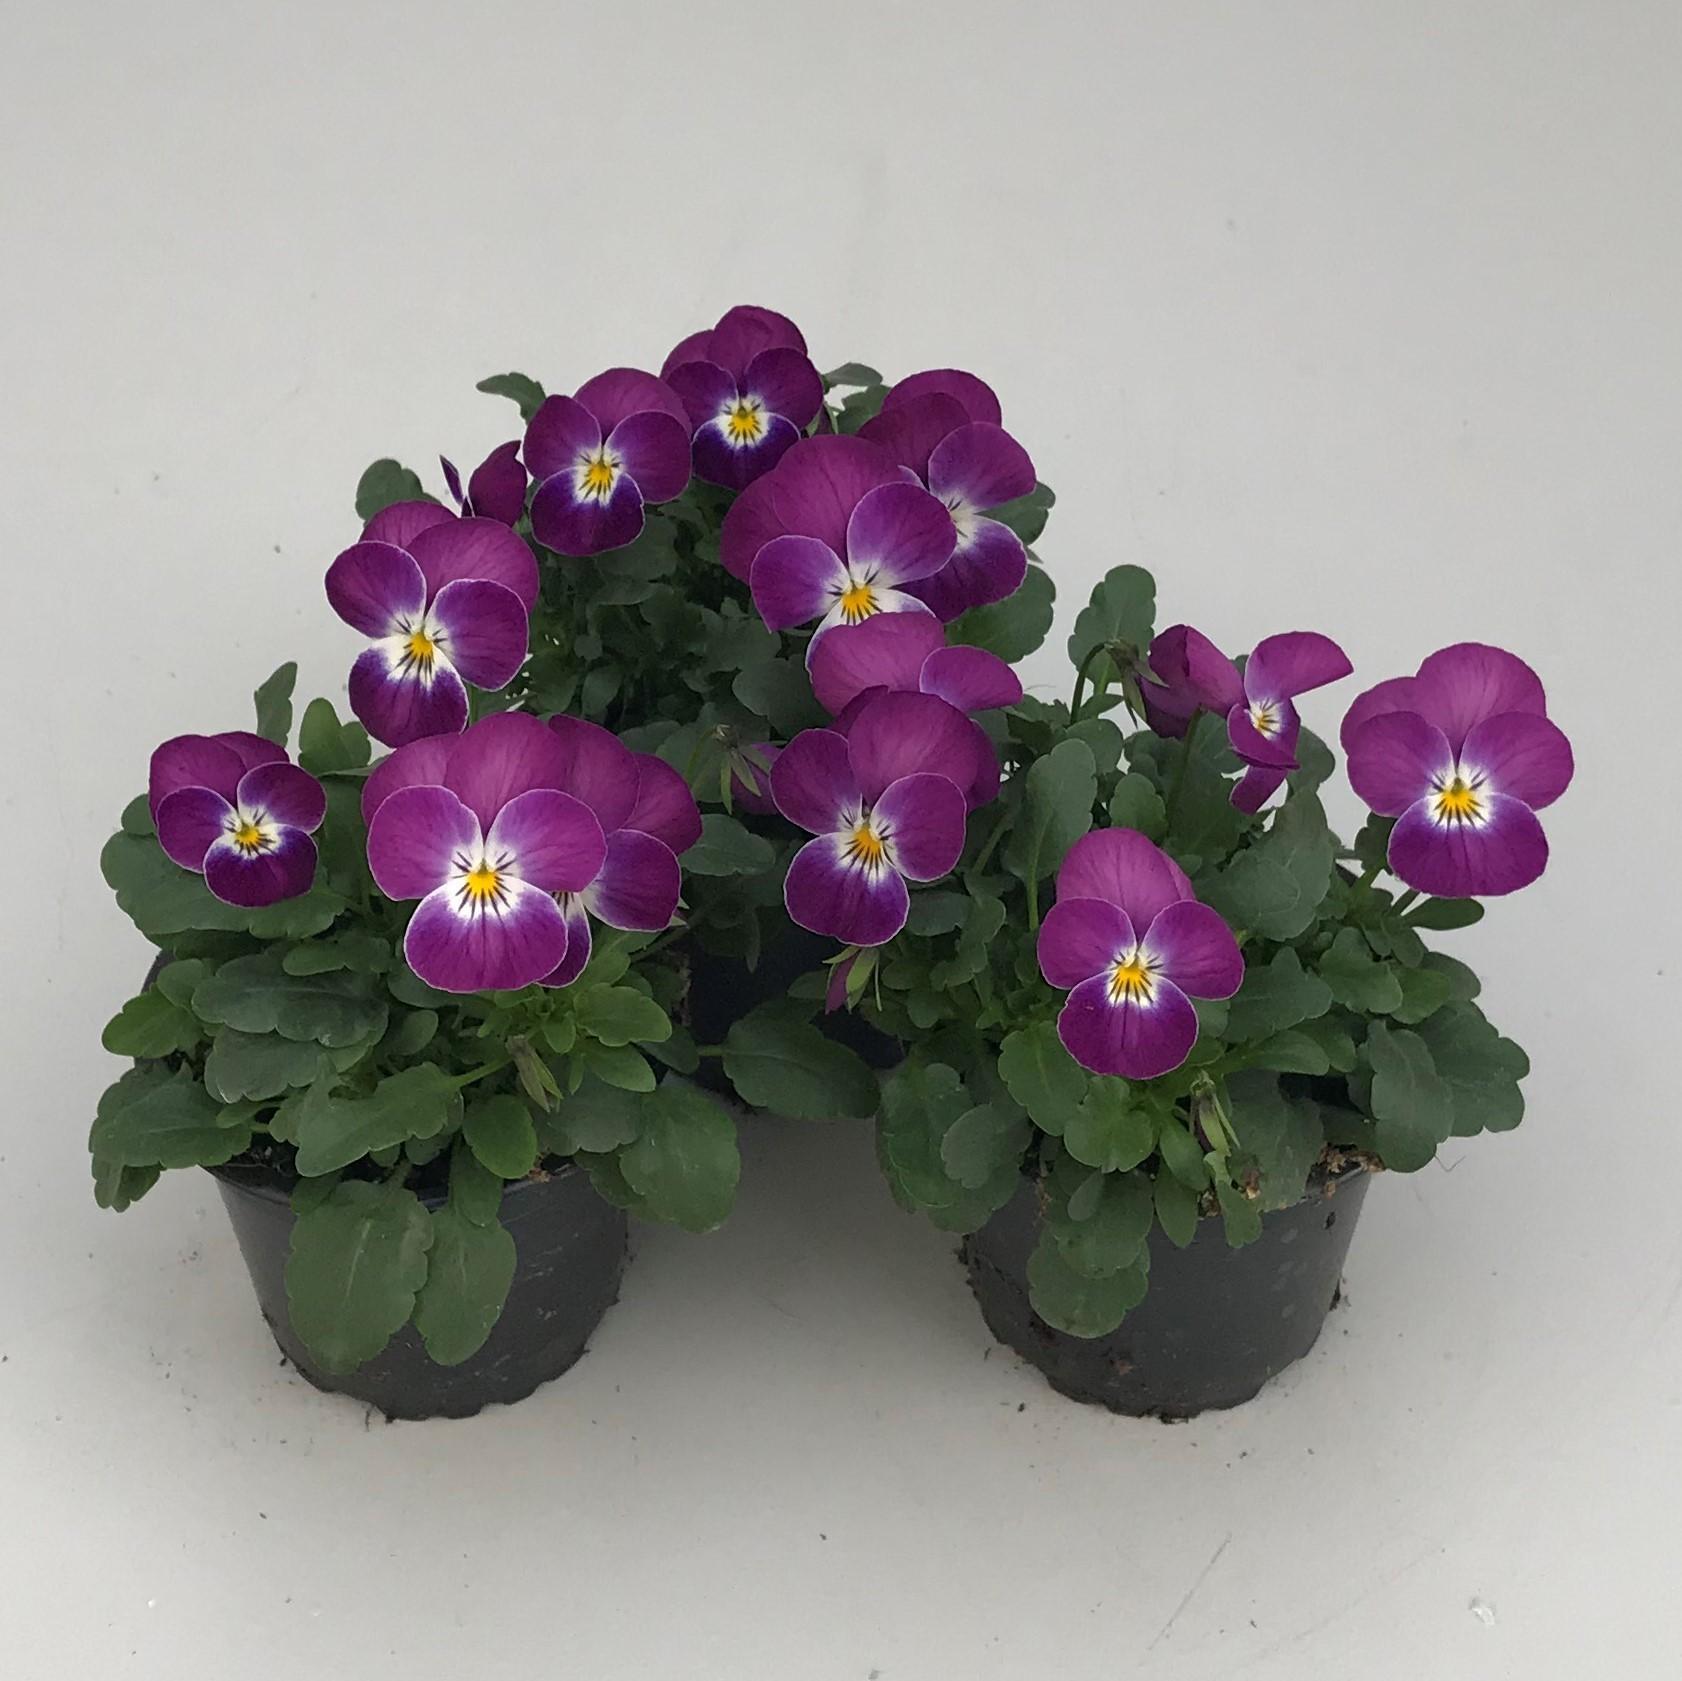 Hornveilchen (Viola) in versch. Farben Bild 9